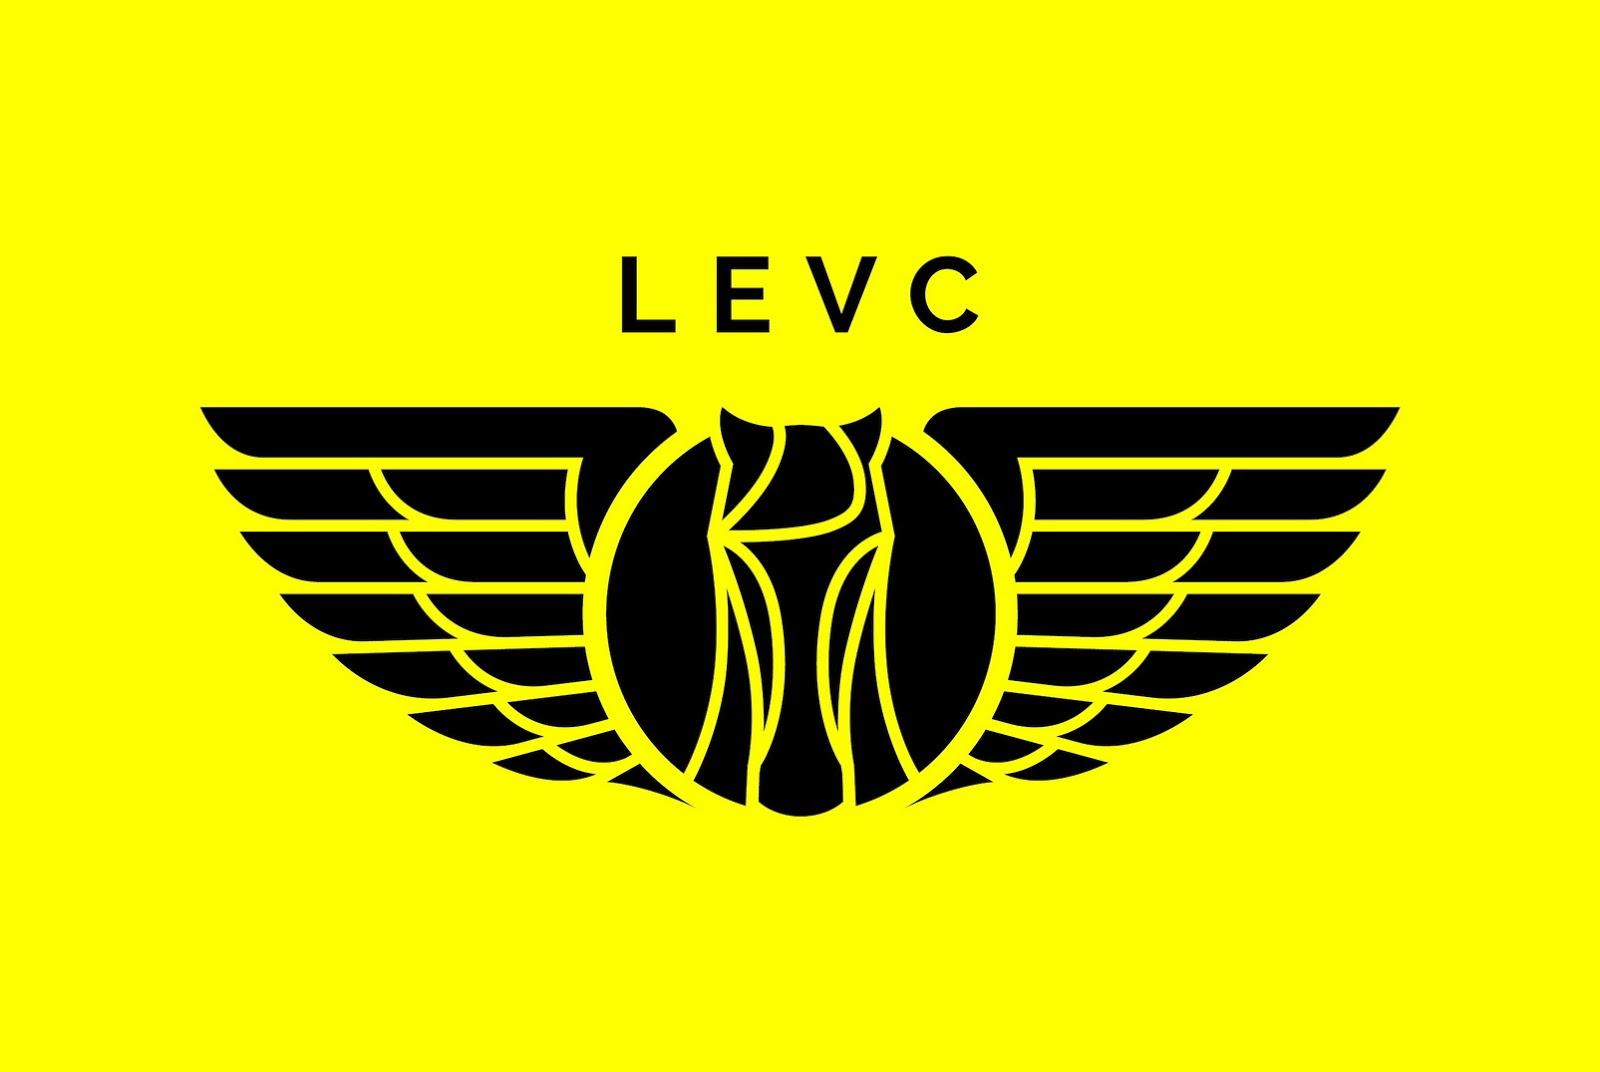 LEVC TX london ev taxi (9)